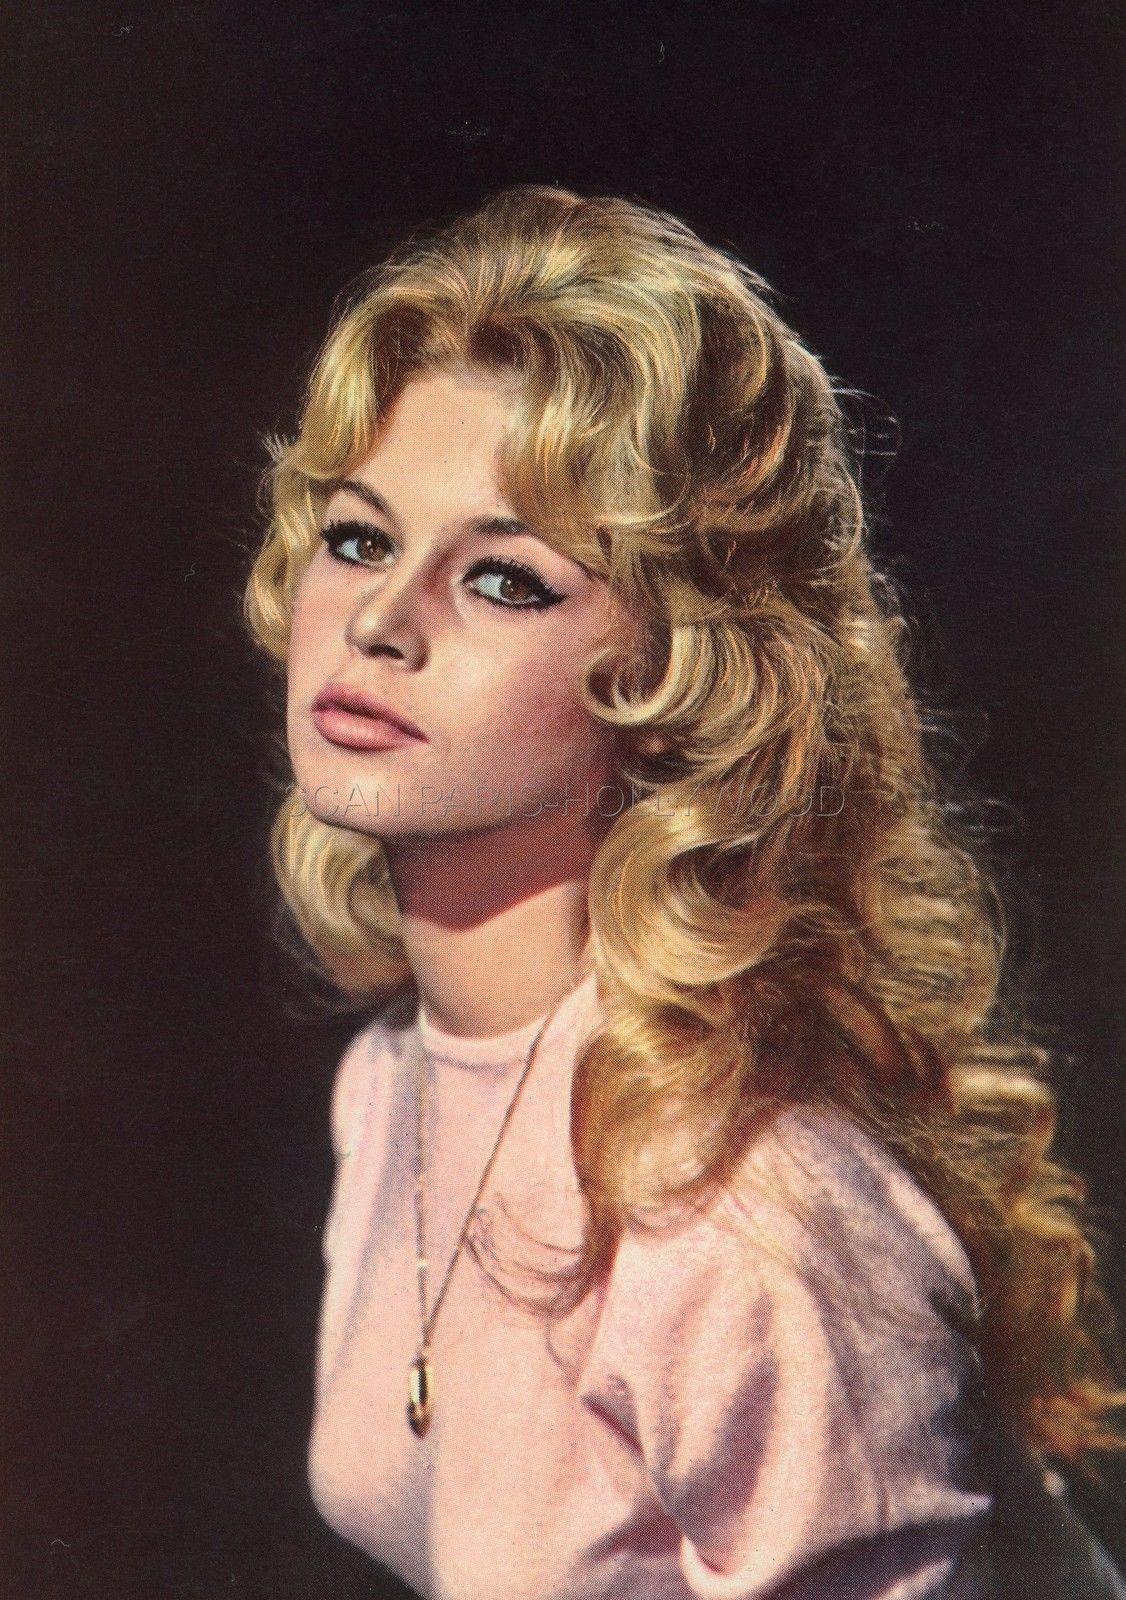 flower power in the 60s. Jean shrimpton, Idées de mode